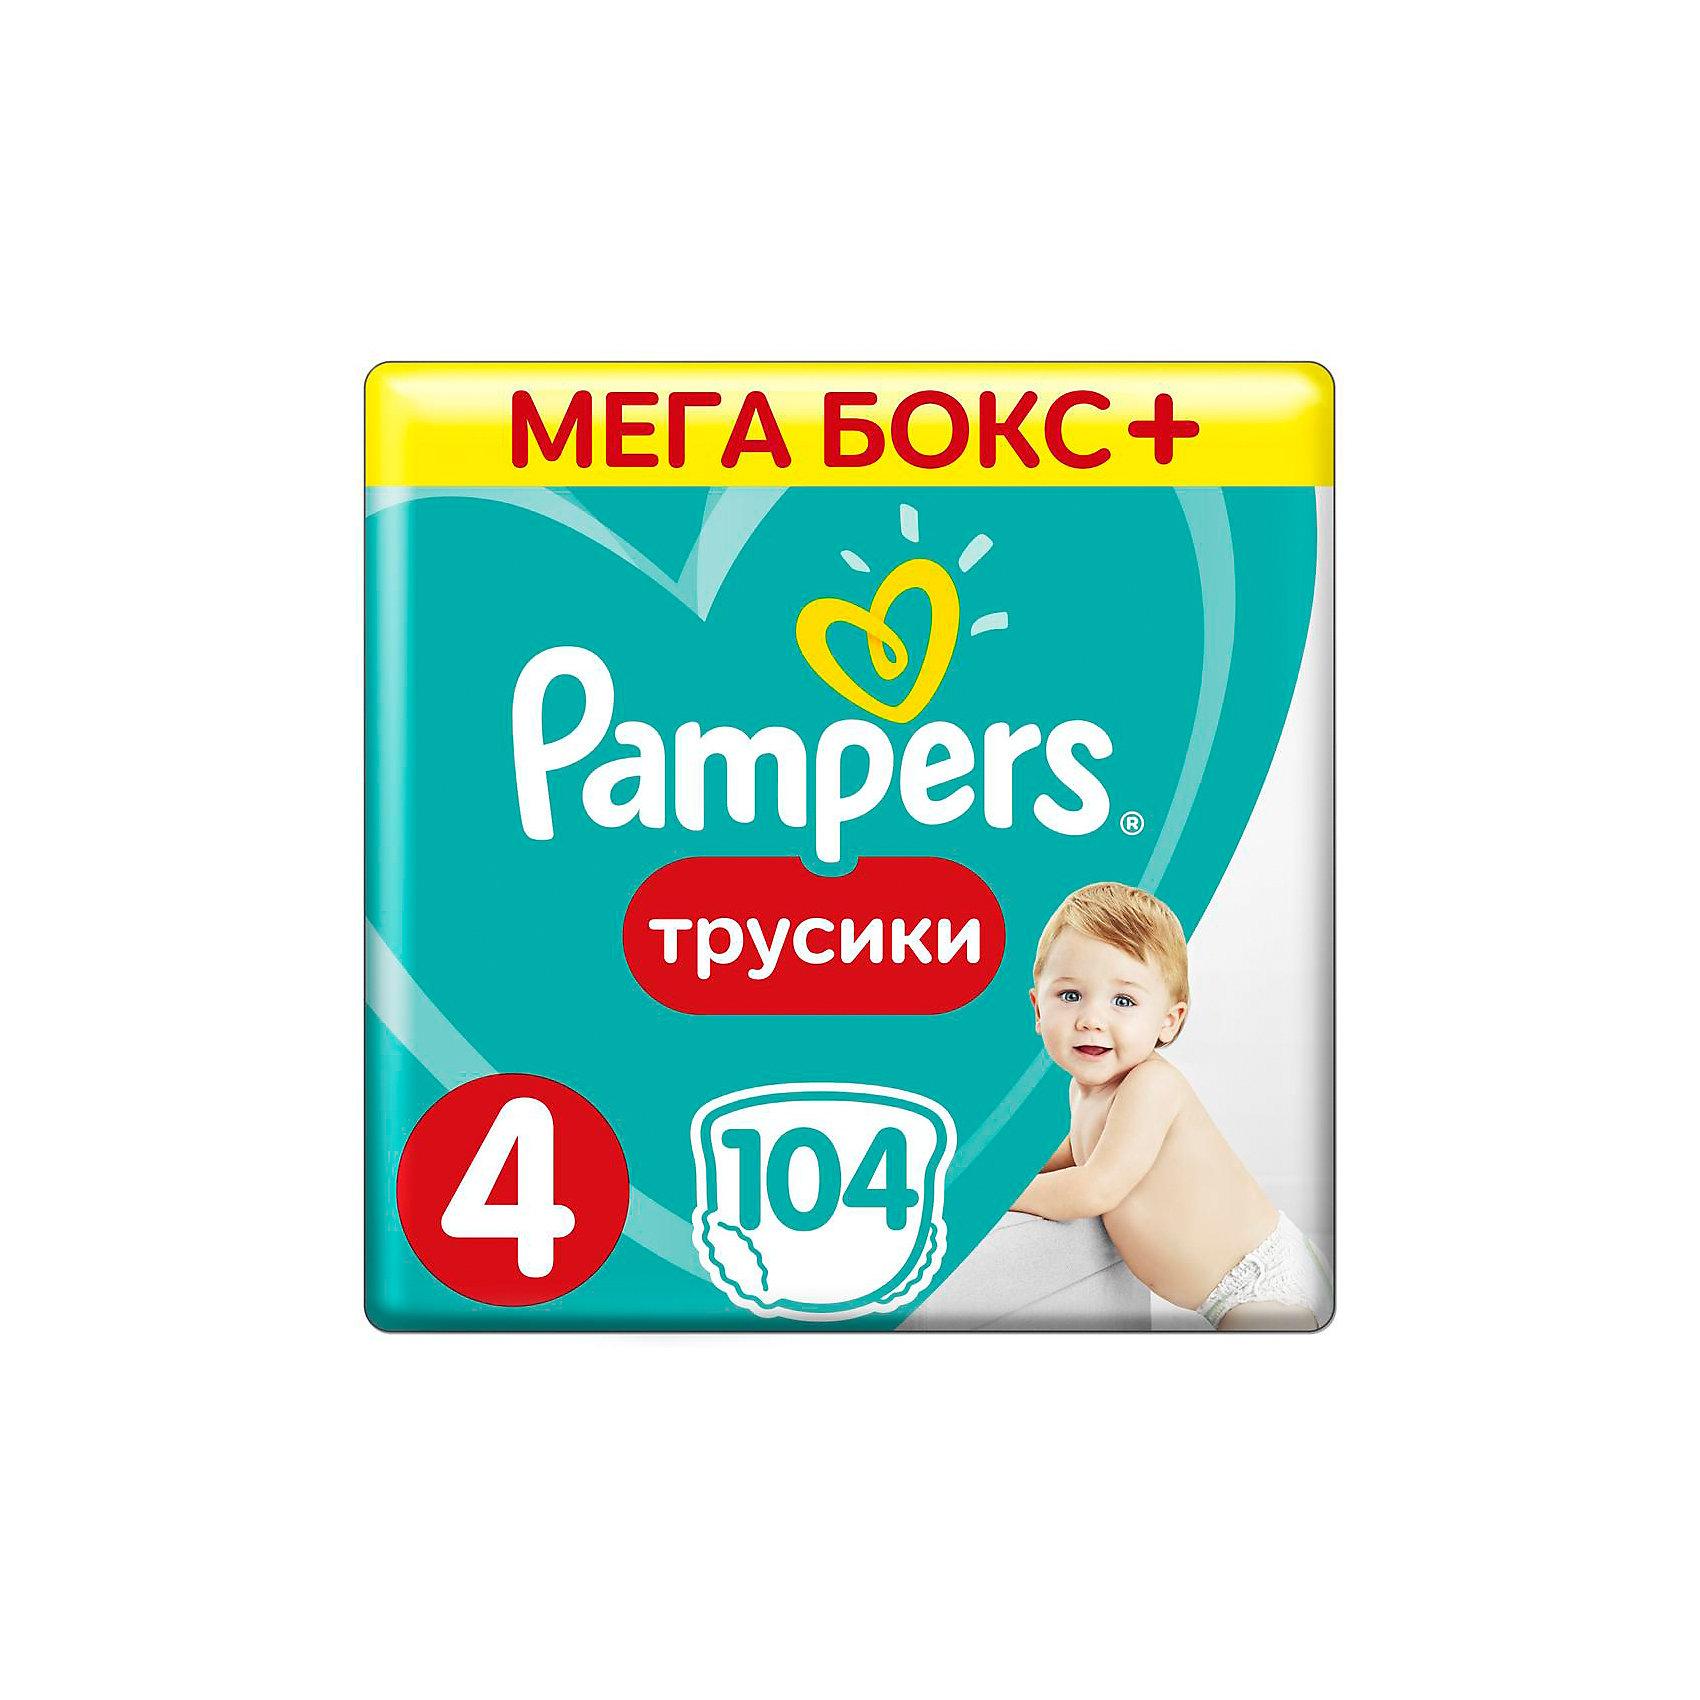 Трусики Pampers Pants, 9-14кг, размер 4, 104 шт., PampersТрусики-подгузники<br>Характеристики:<br><br>• Вид подгузника: трусики<br>• Пол: универсальный<br>• Тип подгузника: одноразовый<br>• Коллекция: Active Baby<br>• Предназначение: для ночного сна <br>• Размер: 4<br>• Вес ребенка: от 9 до 14 кг<br>• Количество в упаковке: 104 шт.<br>• Упаковка: картонная коробка<br>• Размер упаковки: 42,2*29,9*27,3 см<br>• Вес в упаковке: 3 кг 096 г<br>• Наружные боковые швы<br>• До 12 часов сухости<br>• Эластичные резинки <br>• Дышащие материалы<br>• Повышенные впитывающие свойства<br><br>Трусики Pampers Pants, 9-14 кг, размер 4, 104 шт., Pampers – это новейшая линейка детских подгузников от Pampers, которая сочетает в себе высокое качество и безопасность материалов, удобство использования и комфорт для нежной кожи малыша. Подгузники выполнены в виде трусиков и предназначены для детей весом до 14 кг. Инновационные технологии и современные материалы обеспечивают этим подгузникам Дышащие свойства, что особенно важно для кожи малыша. Повышенные впитывающие качества изделию обеспечивают специальные микрогранулы, сохраняя верхний слой сухим до 12 часов, именно поэтому эту линейку трусиков производитель рекомендует использовать для ночного сна. <br><br>У трусиков предусмотрена эластичная мягкая резиночка на спинке и манжеты на ножках, что защищает от протекания. Боковые наружные швы не натирают нежную кожу малыша, легко разрываются при смене трусиков. Сзади имеется клейкая лента, которая позволяет зафиксировать свернутые после использования трусики. Трусики подходит как для мальчиков, так и для девочек. <br><br>Трусики Pampers Pants, 9-14 кг, размер 4, 104 шт., Pampers можно купить в нашем интернет-магазине.<br><br>Ширина мм: 422<br>Глубина мм: 299<br>Высота мм: 273<br>Вес г: 3096<br>Возраст от месяцев: 6<br>Возраст до месяцев: 18<br>Пол: Унисекс<br>Возраст: Детский<br>SKU: 5419051